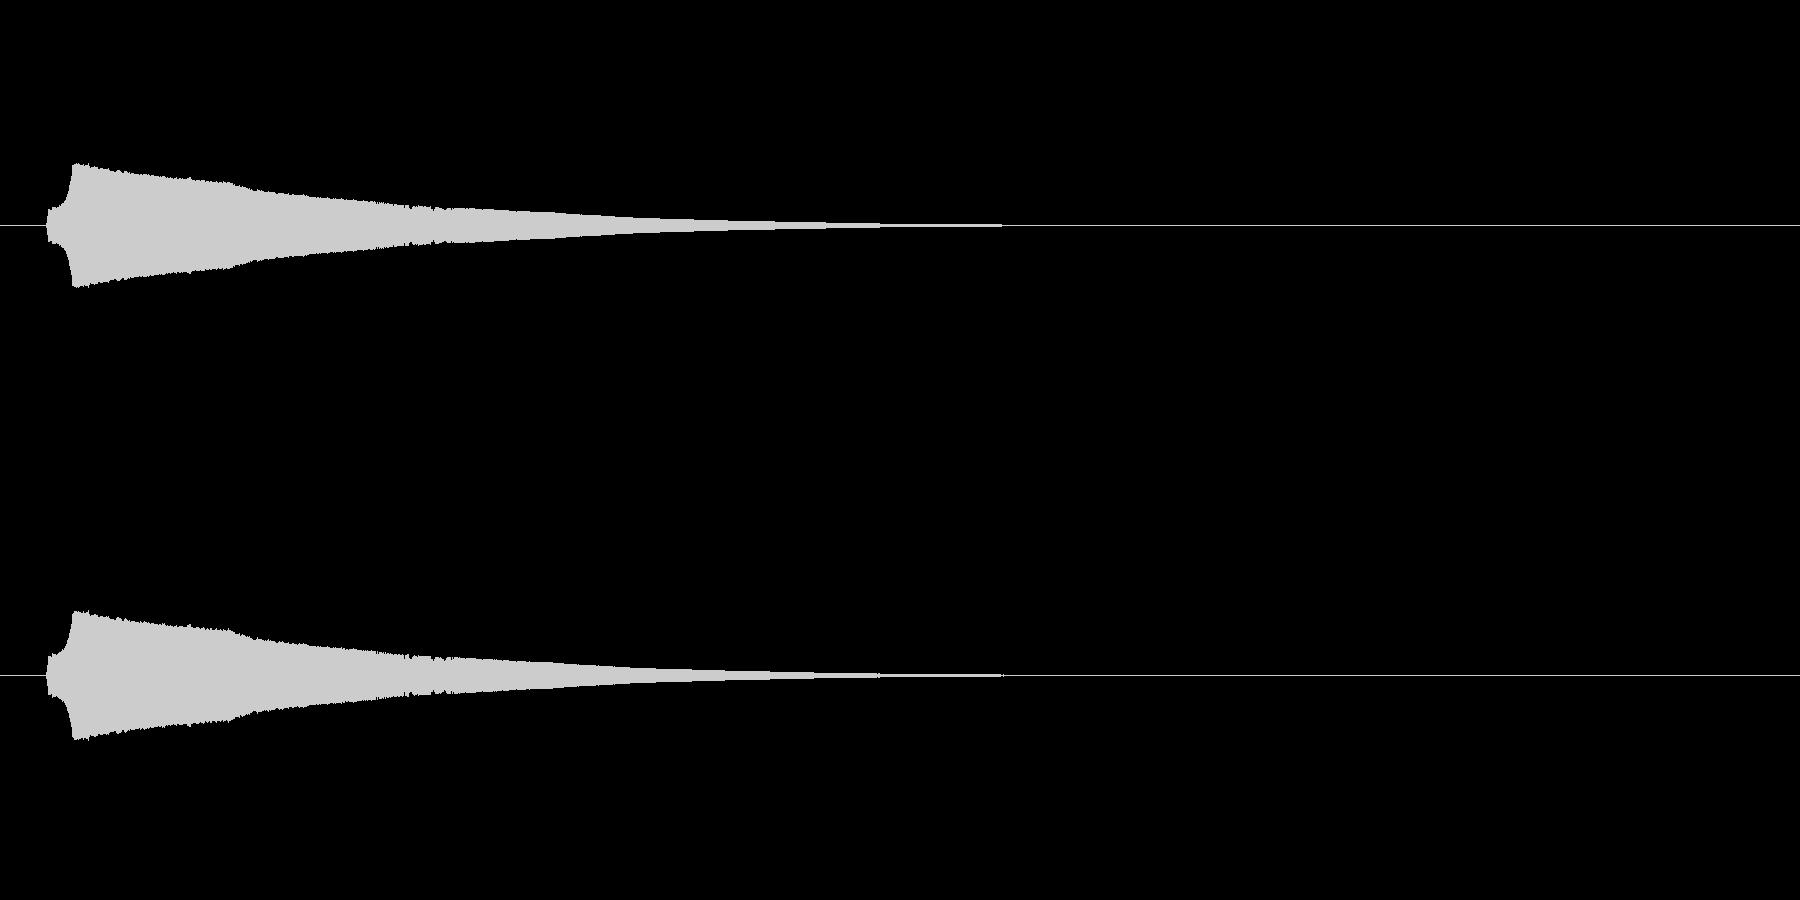 ロングフォールホイッスルアンドクリ...の未再生の波形